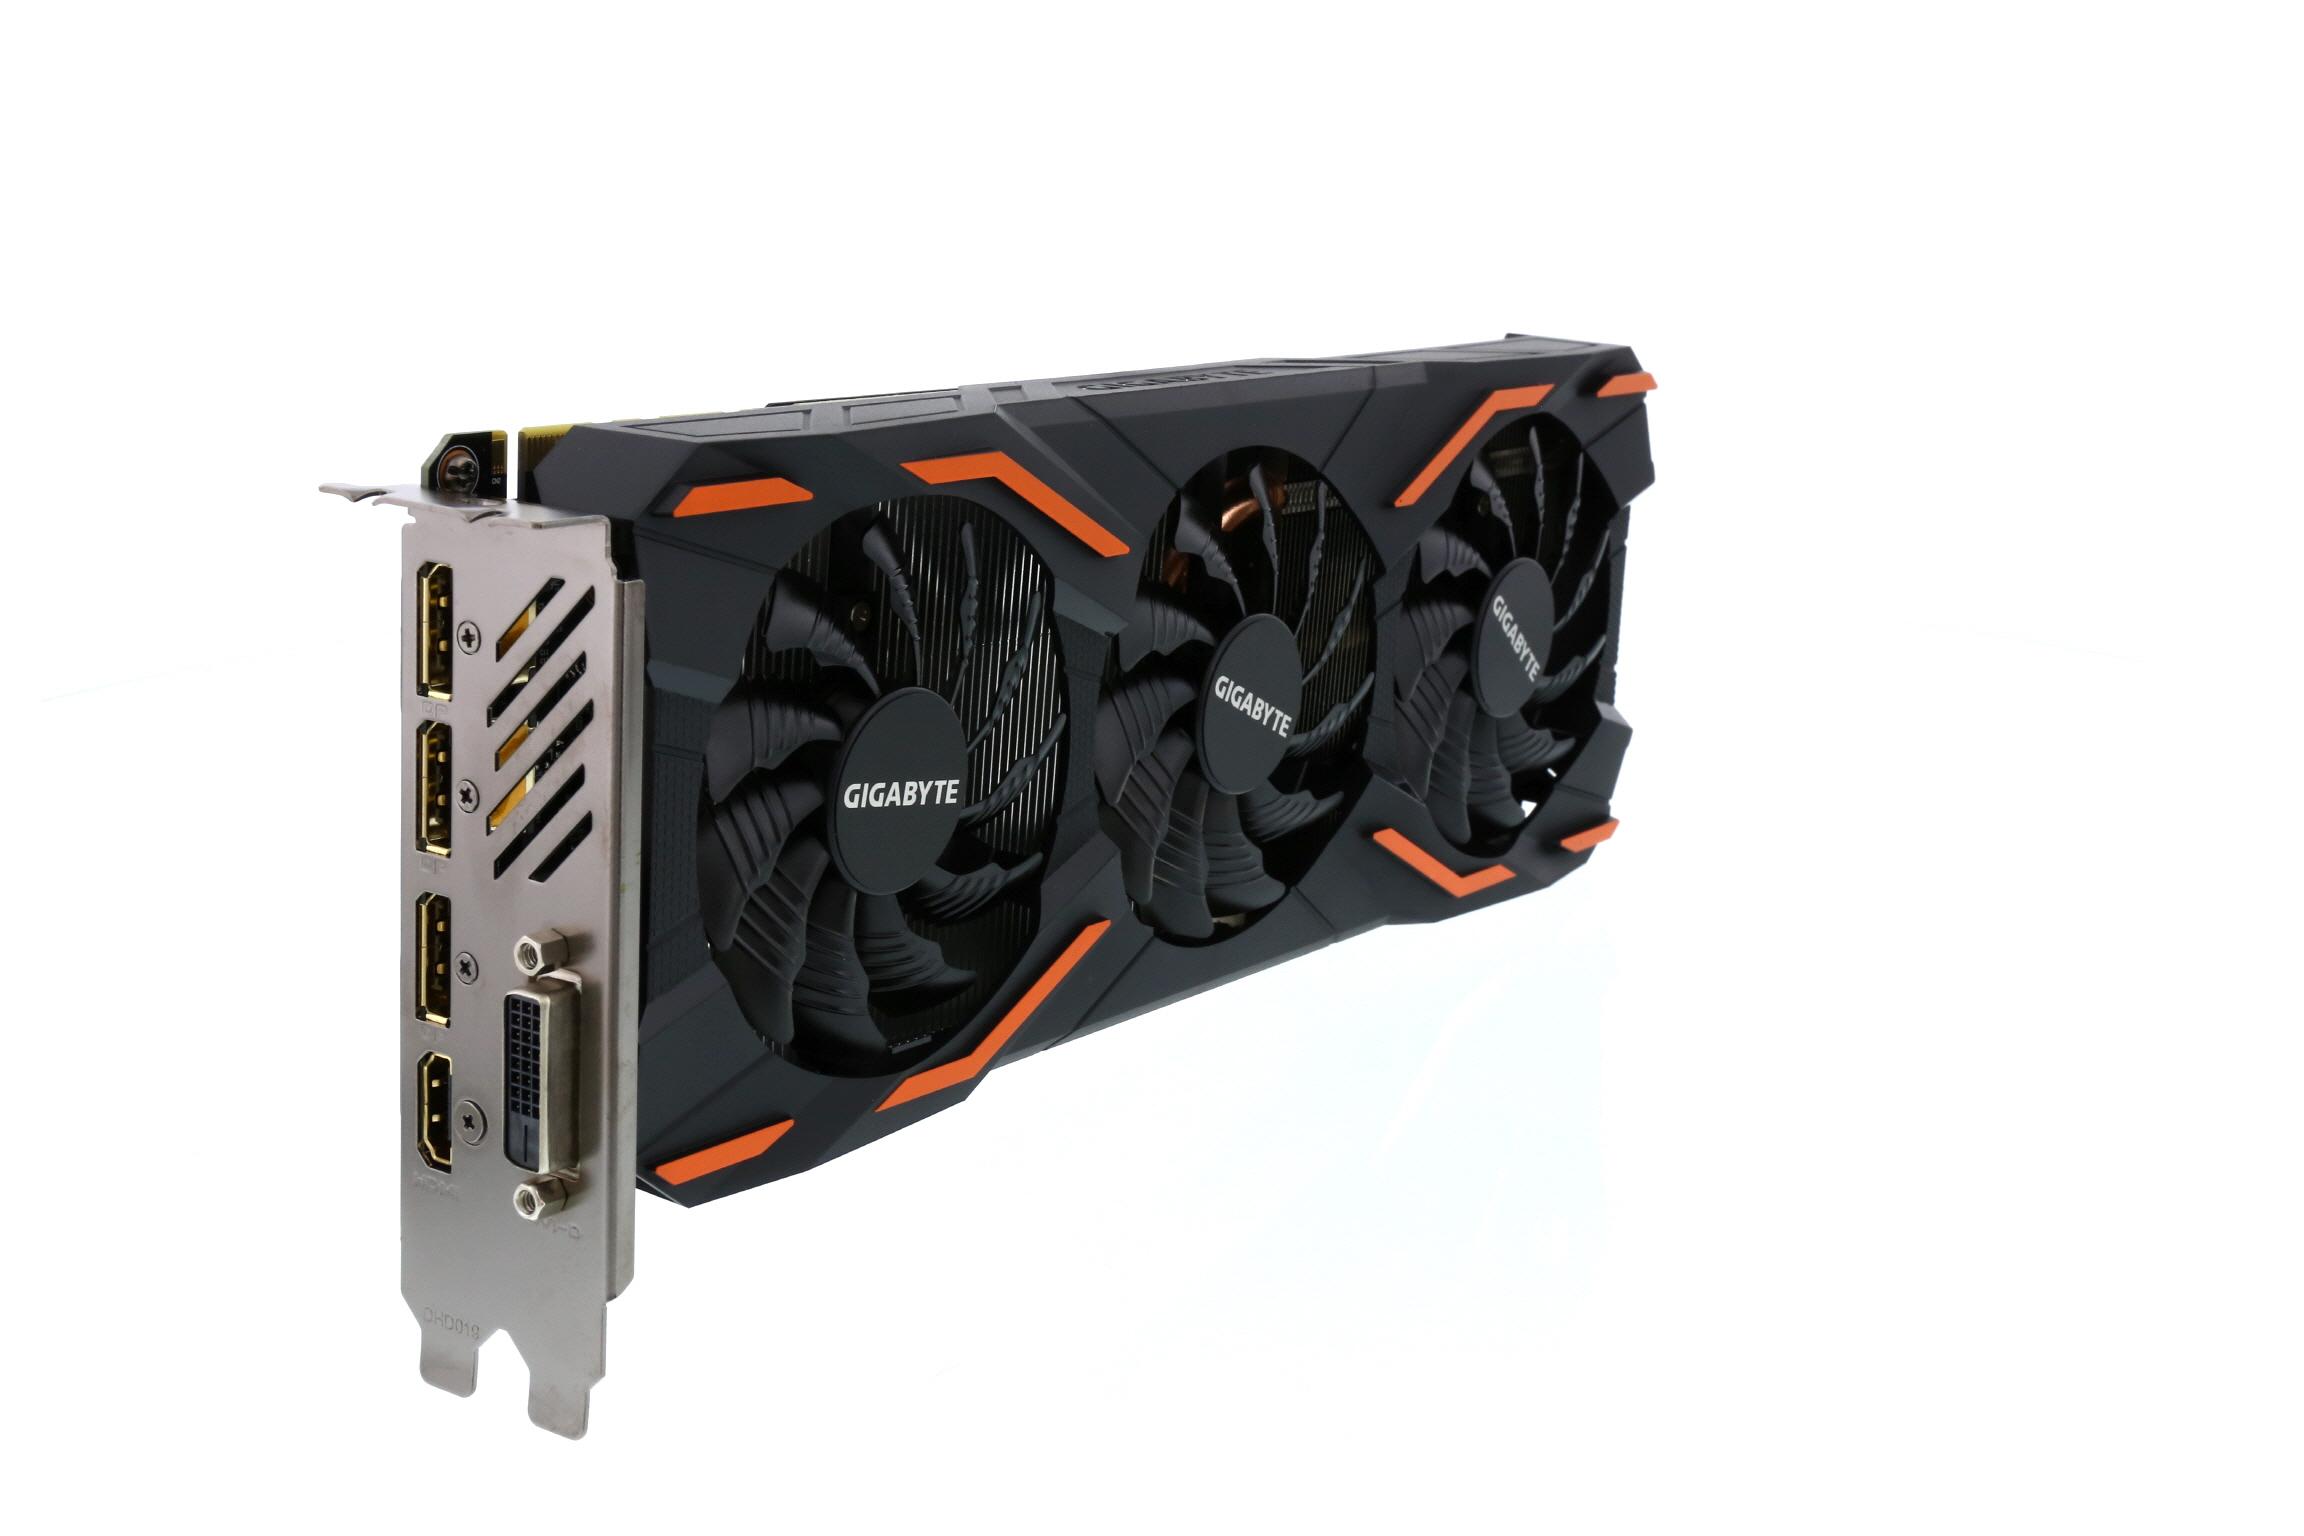 GIGABYTE GeForce GTX 1080 Windforce DirectX 12 GV-N1080WF3OC-8GD $464.98 Shipped AC NewEggBusiness